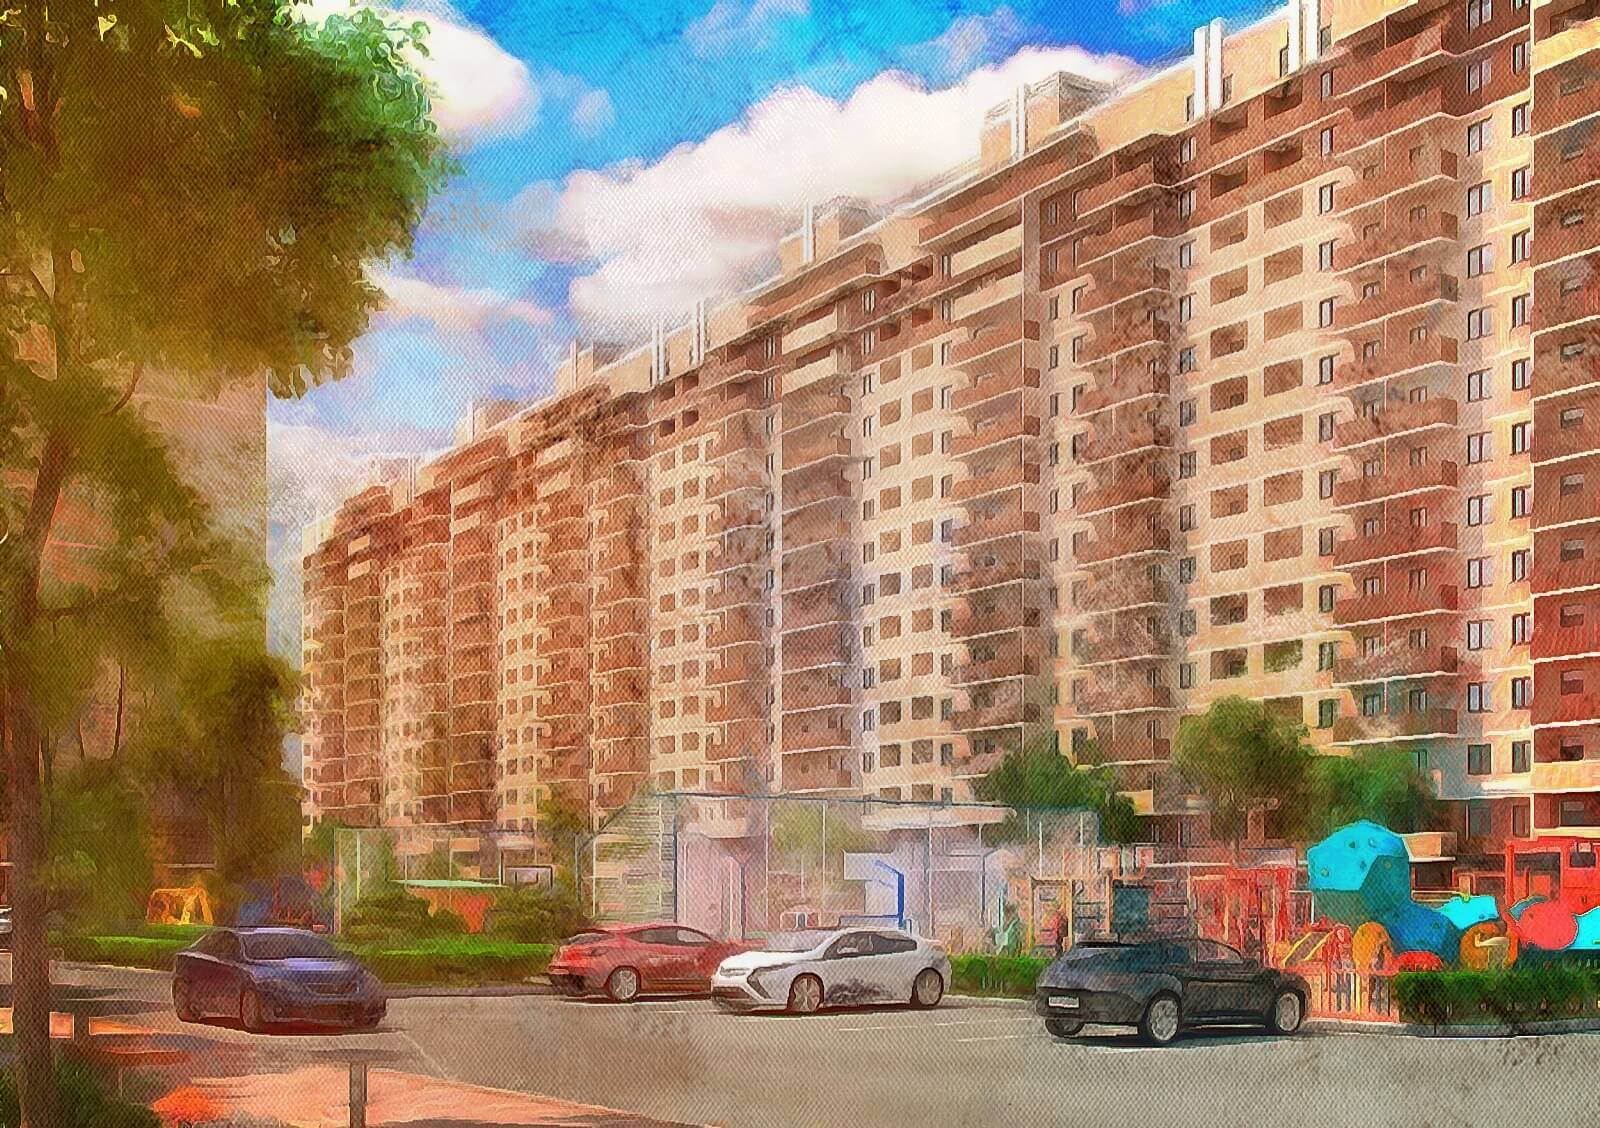 ССК ЖК Притяжение в ипотеку г.Краснодар. Цены на квартиры от застройщика